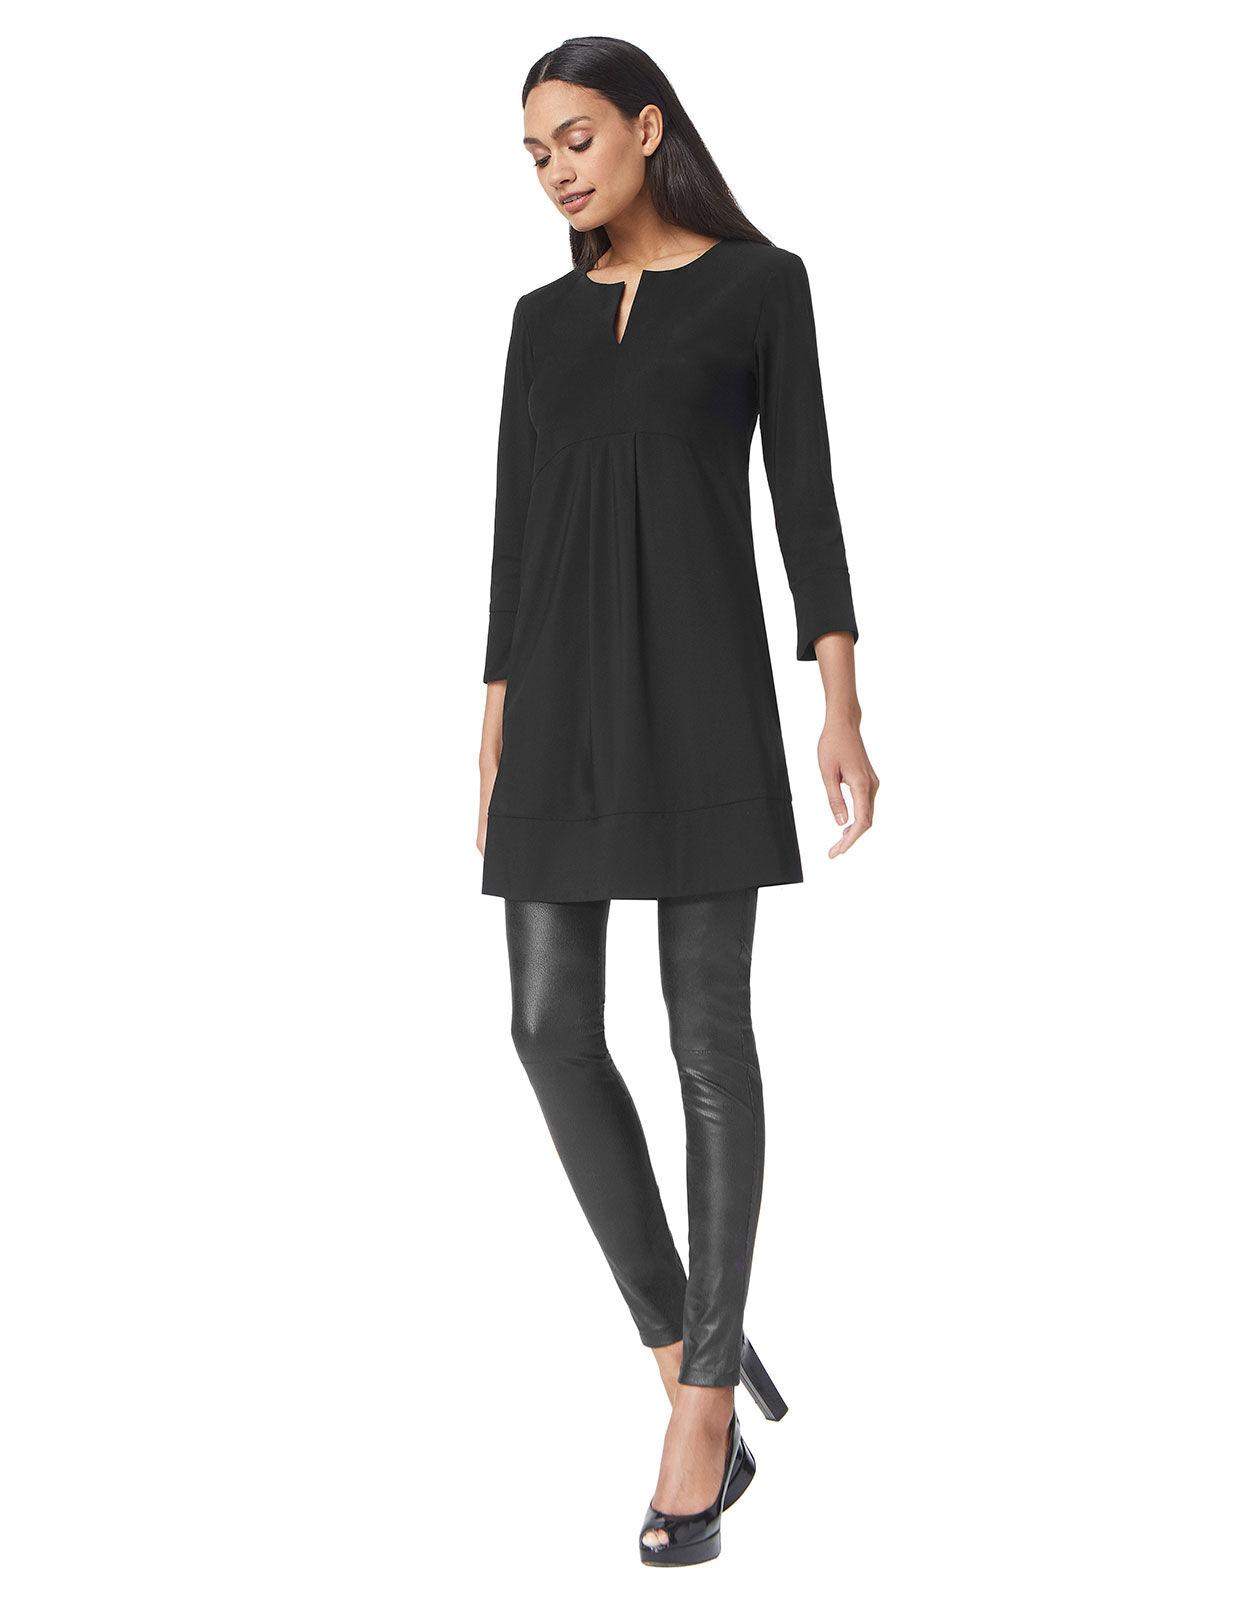 Abbildung von LaDress Alison jersey kleid schwarz